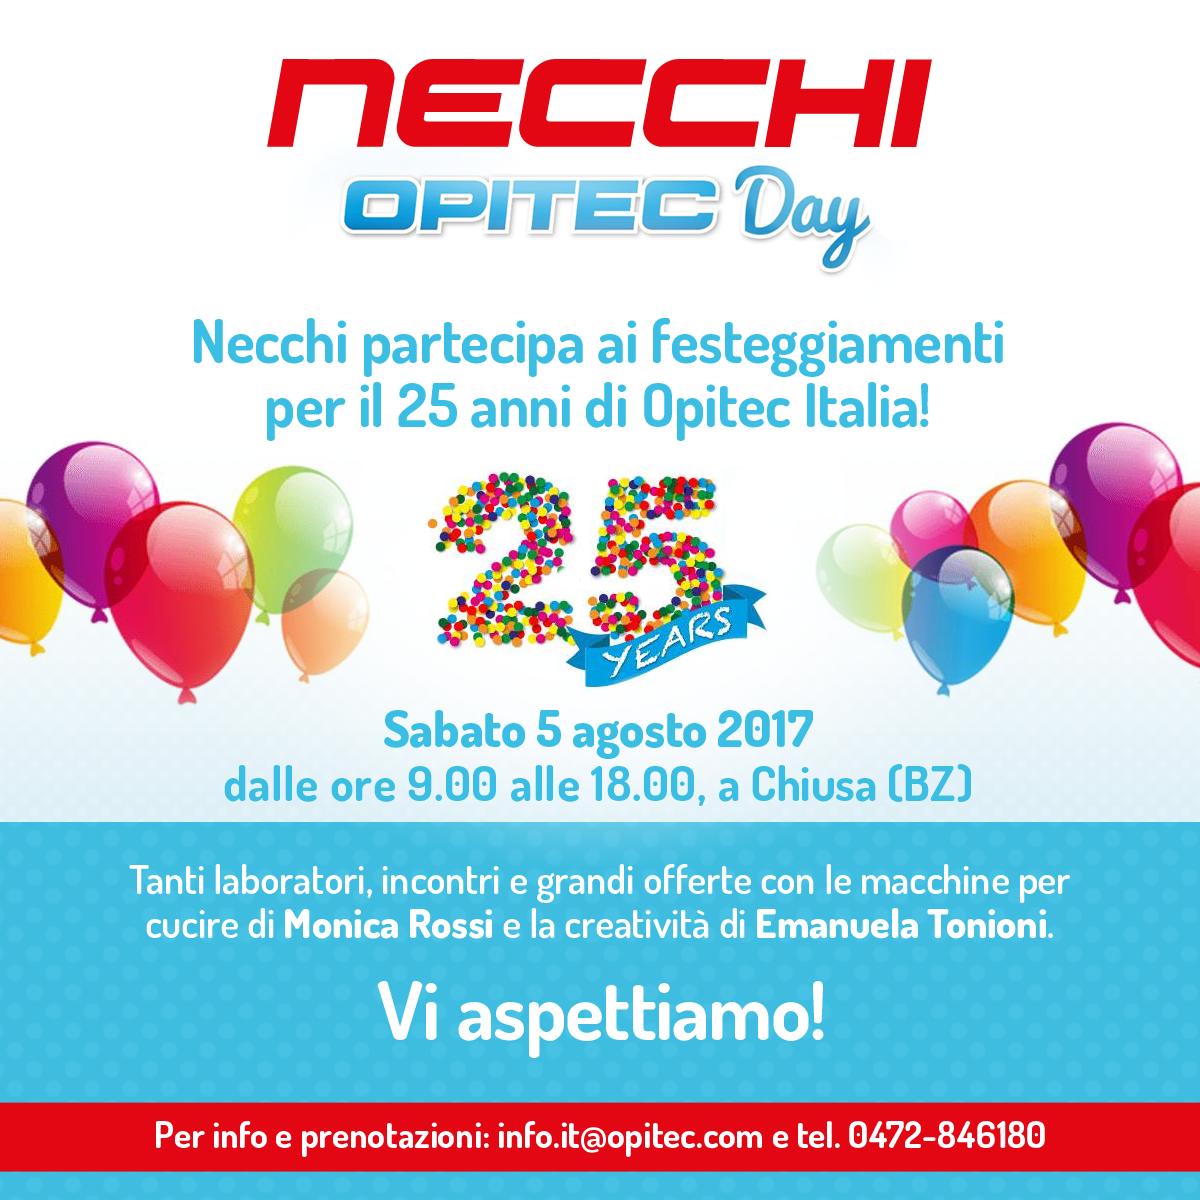 NECCHI---Opitec-Day---MEME---v2